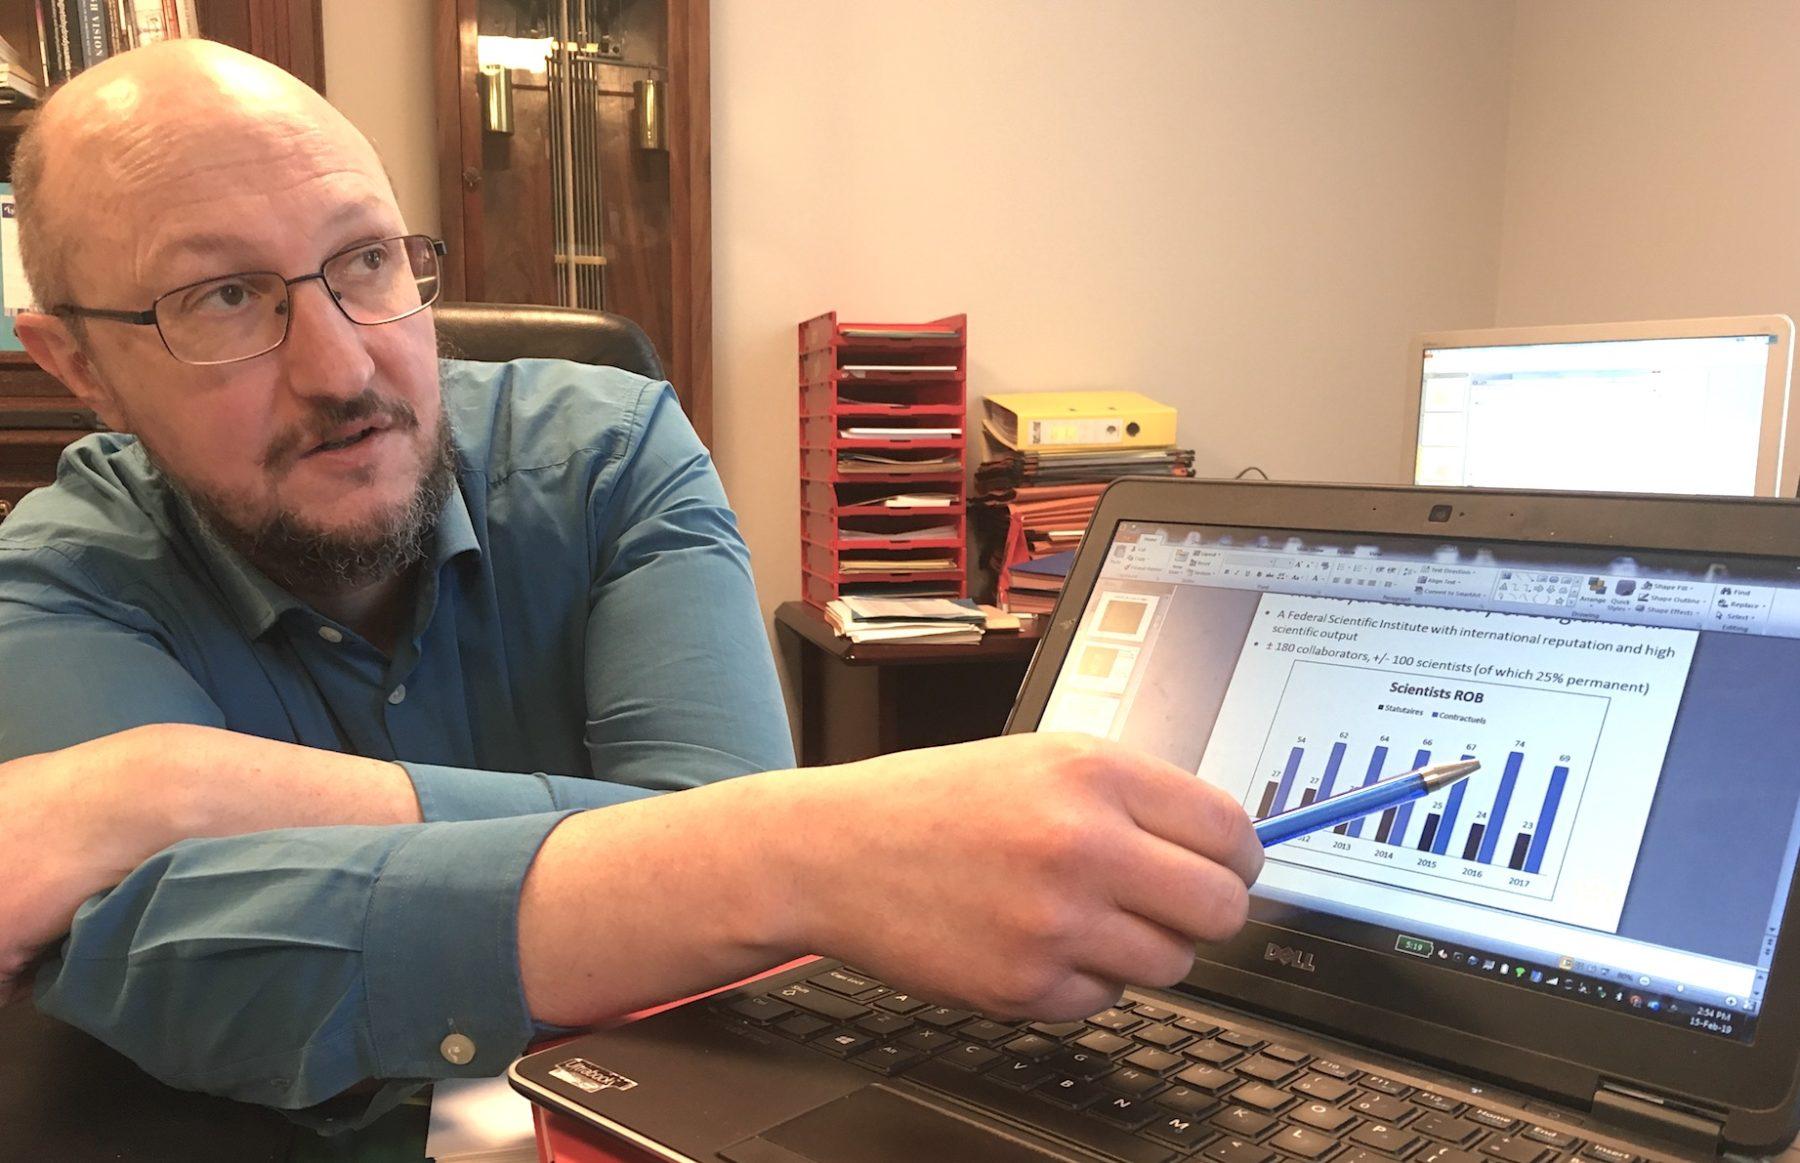 Ronald Van der Linden, Directeur général de l'Observatoire royal de Belgique (ORB), pointe l'évolution du personnel scientifique statutaire (en baisse) et contractuel (en hausse) à l'Observatoire.